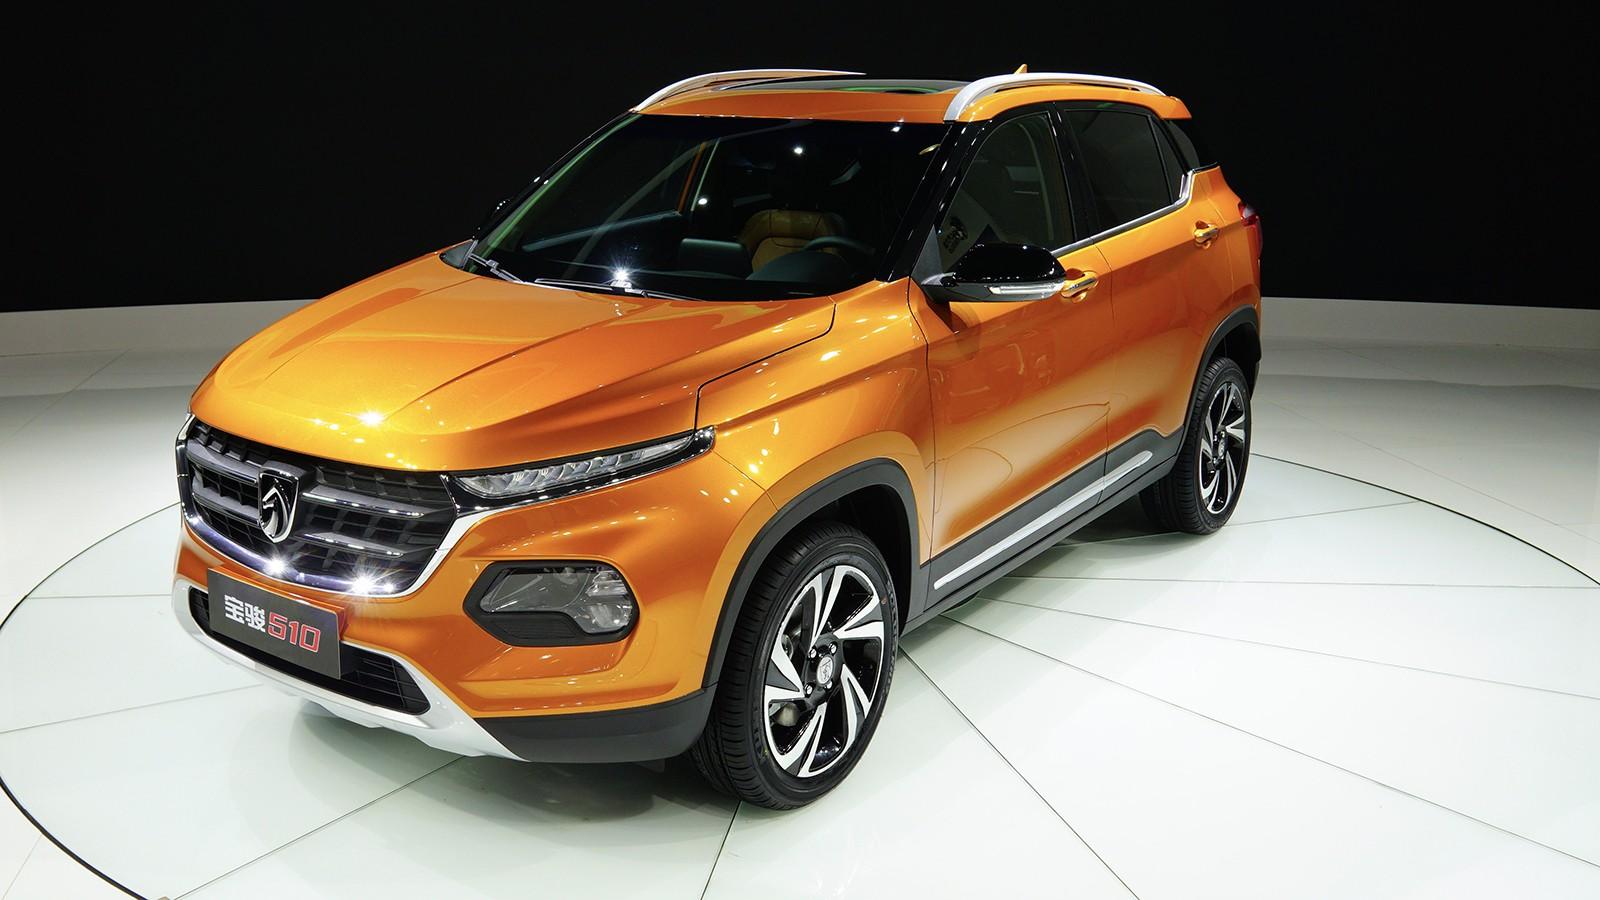 На фото: Baojun 510 SUV. В продаже кроссовер появится в начале этого года